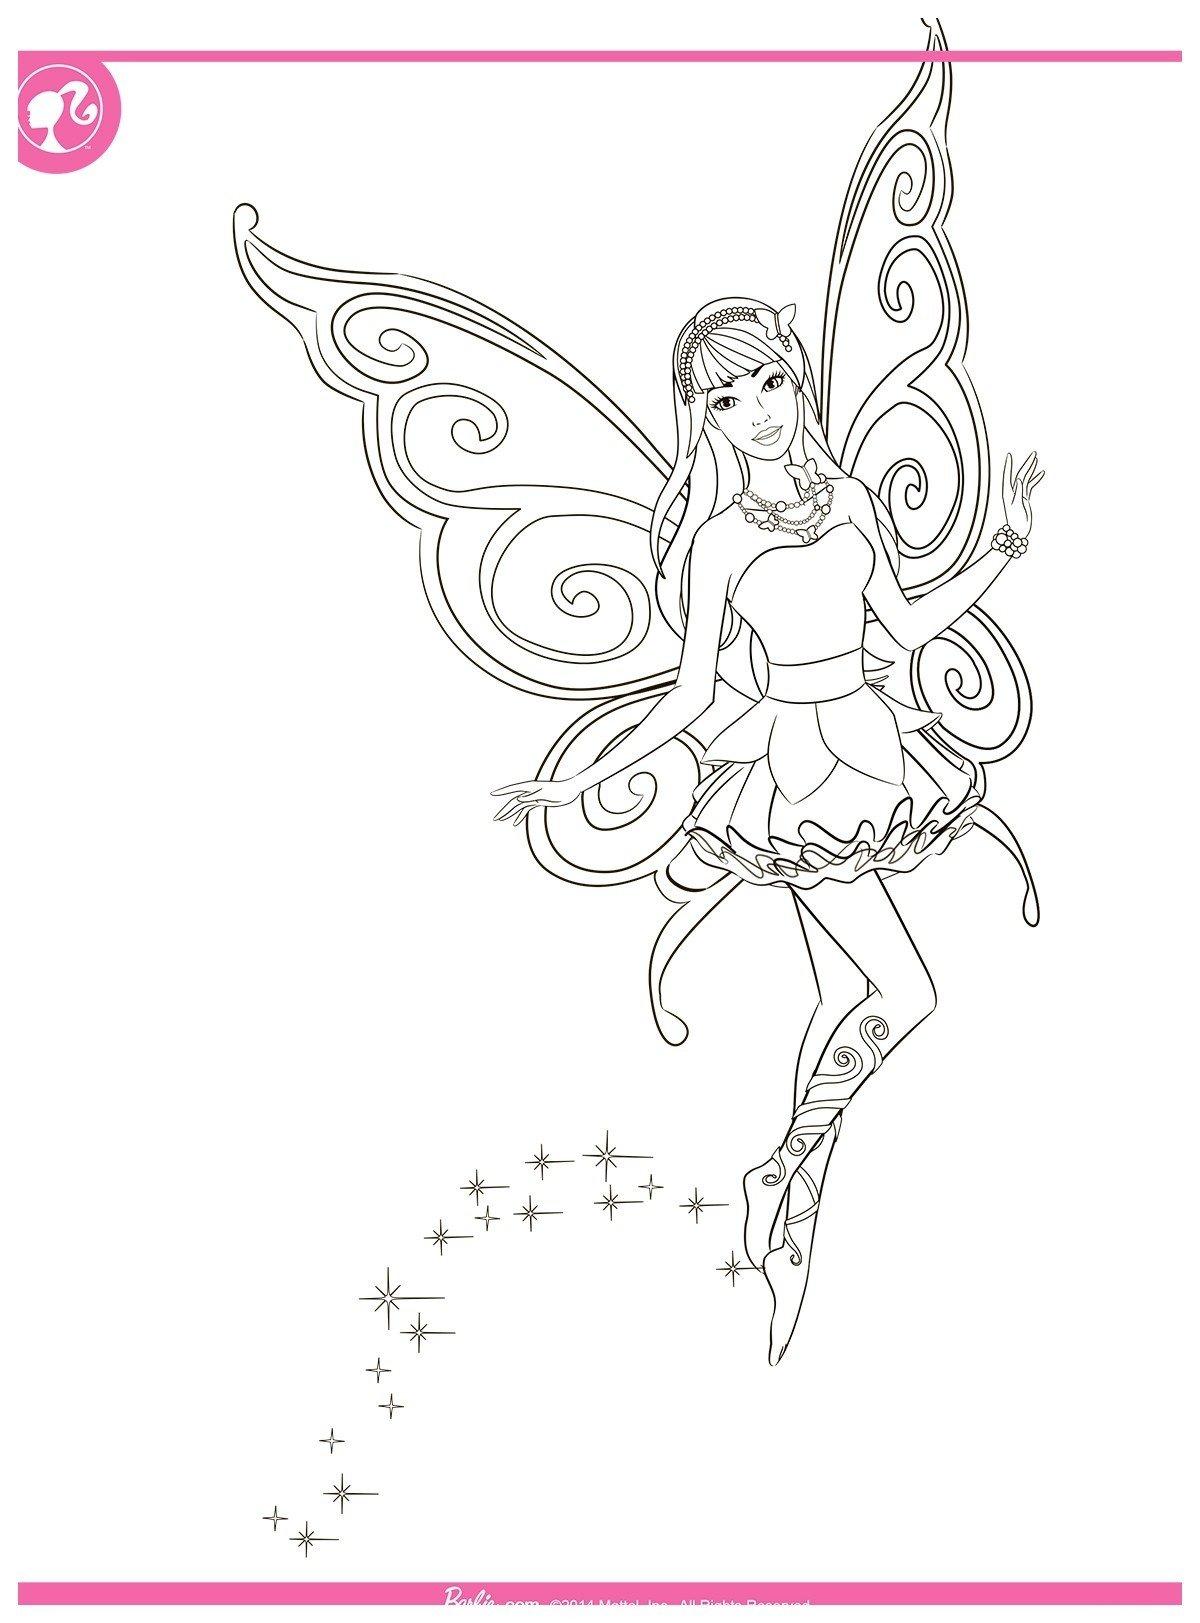 раскраска барби фея распечатать бесплатно в формате а4